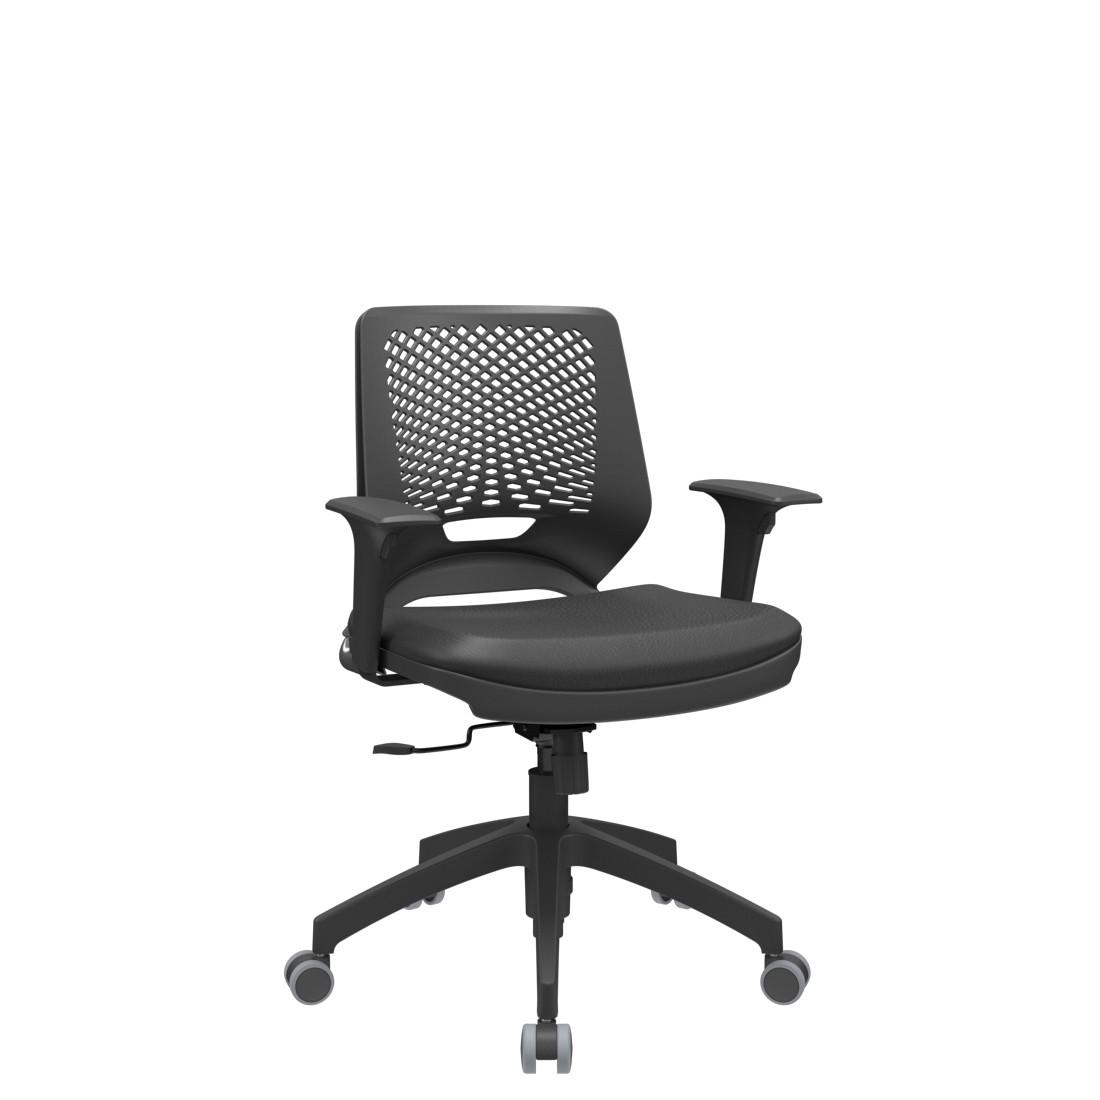 Cadeira Giratória Beezi estrutura preta base piramidal com braço regulável Plaxmetal